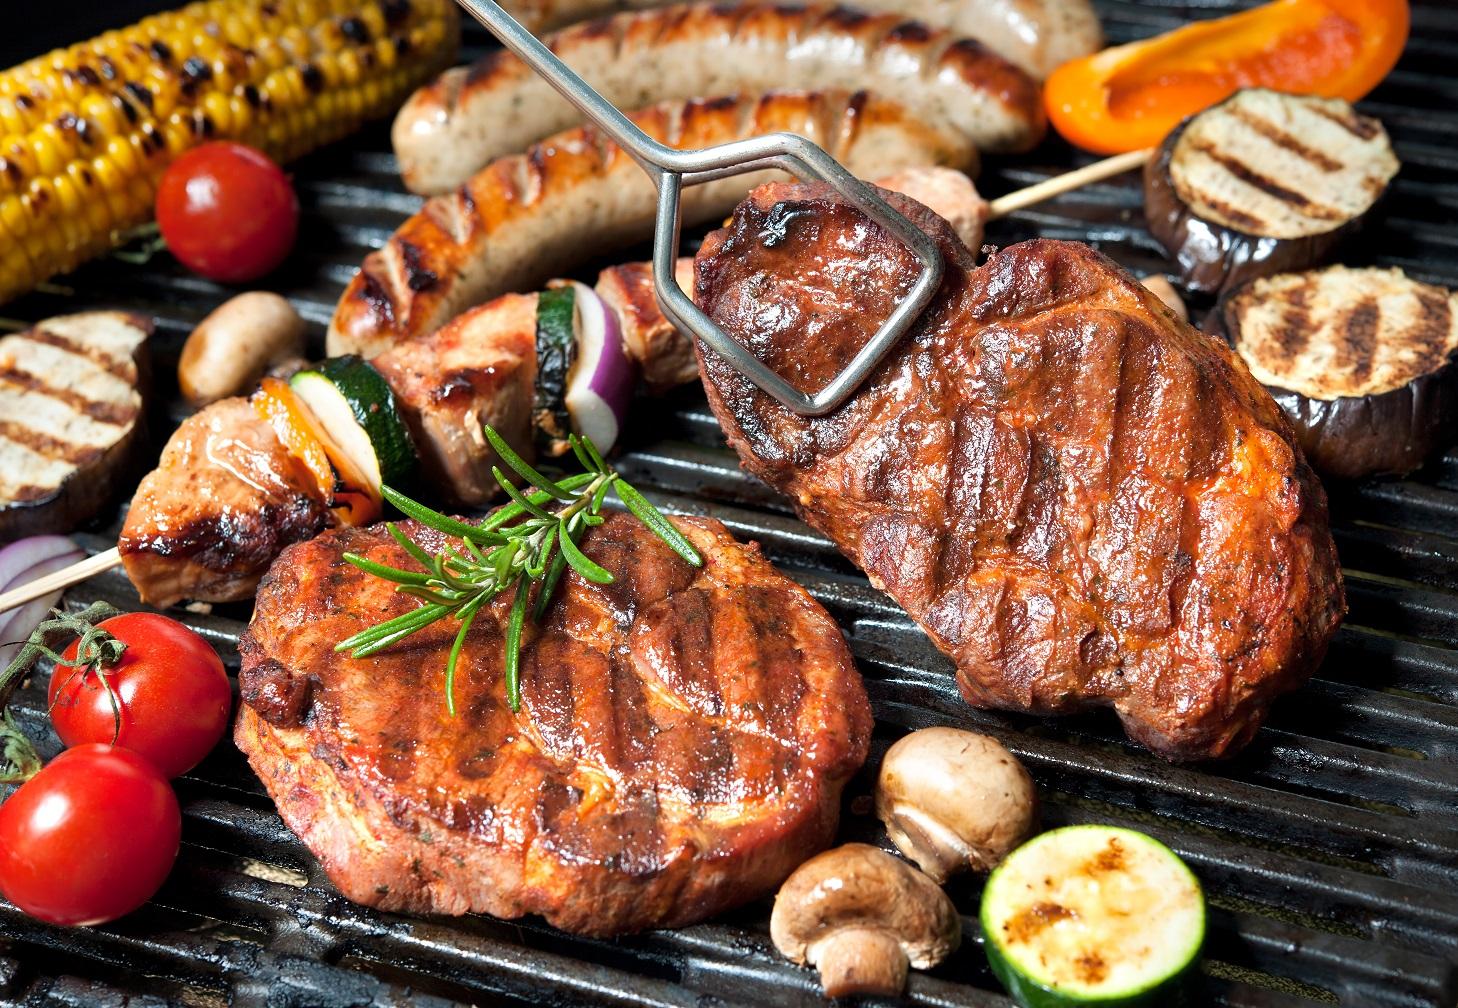 Новое исследование: вред красного мяса не подтверждён доказательствами